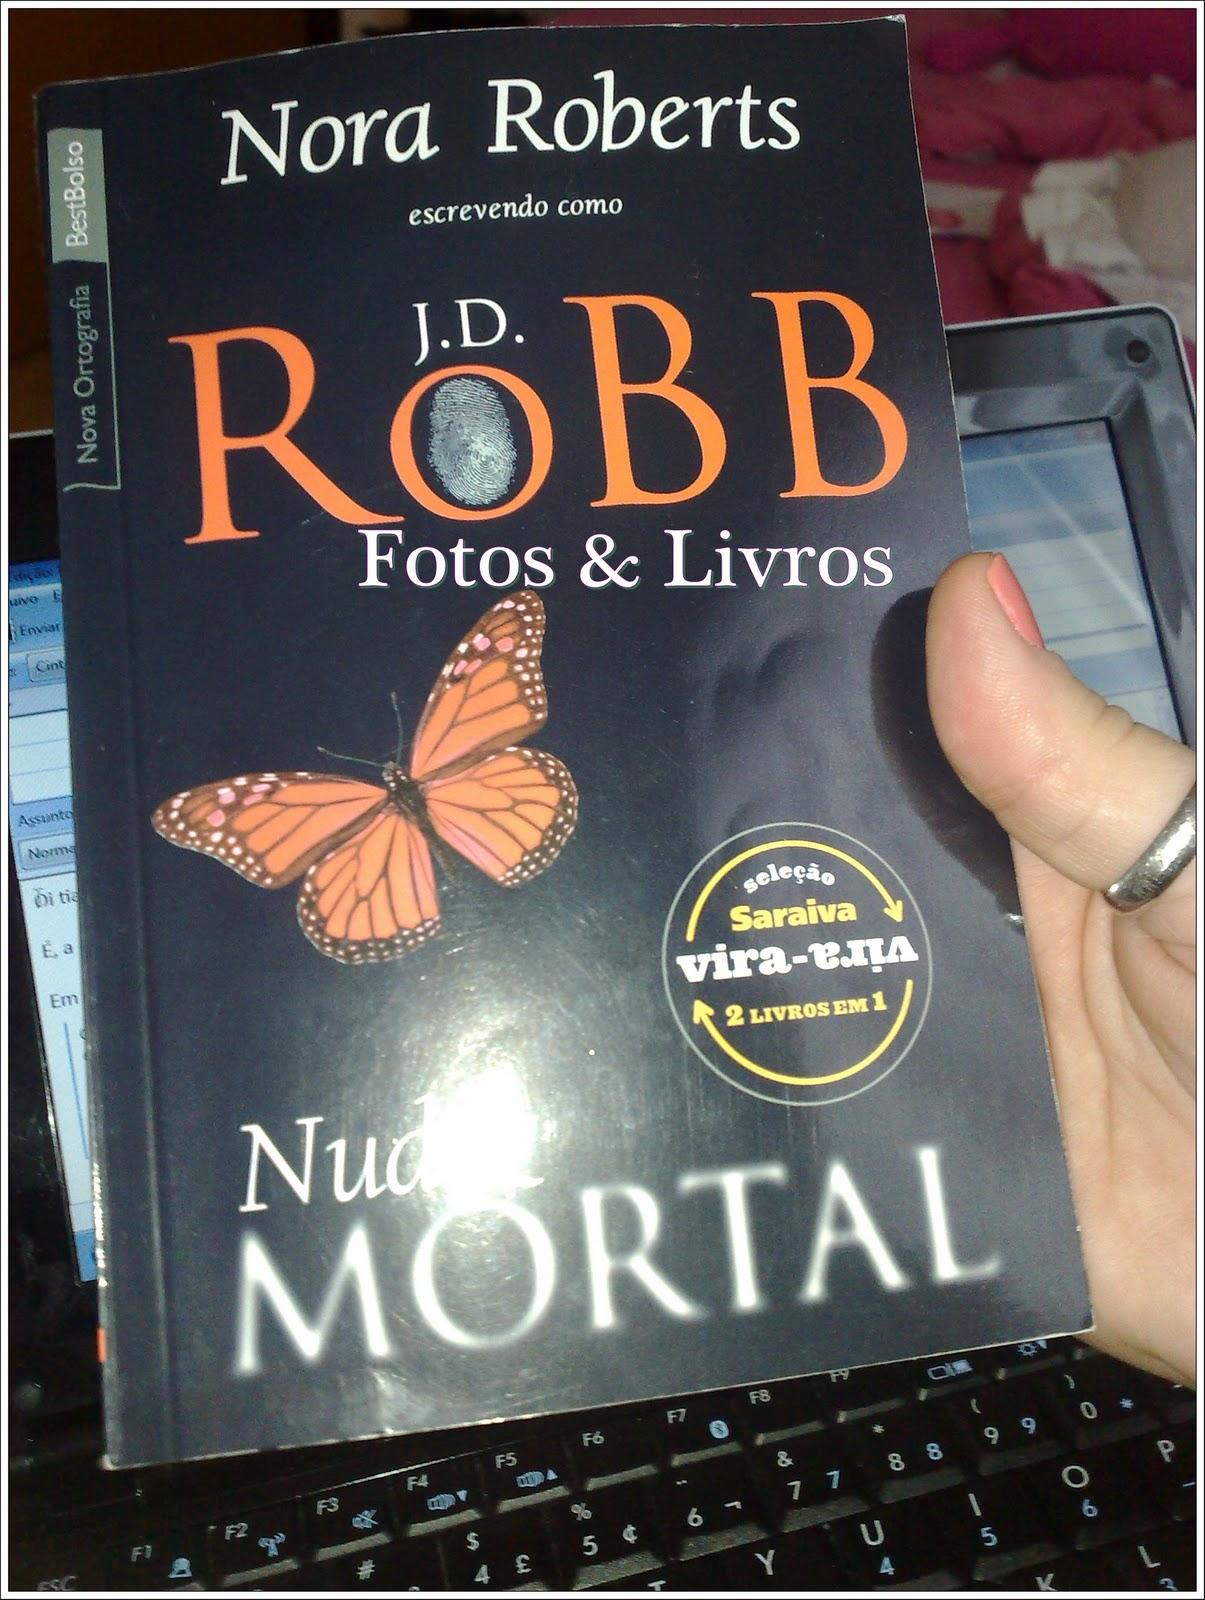 Nora Roberts: biografia e todos os Livros